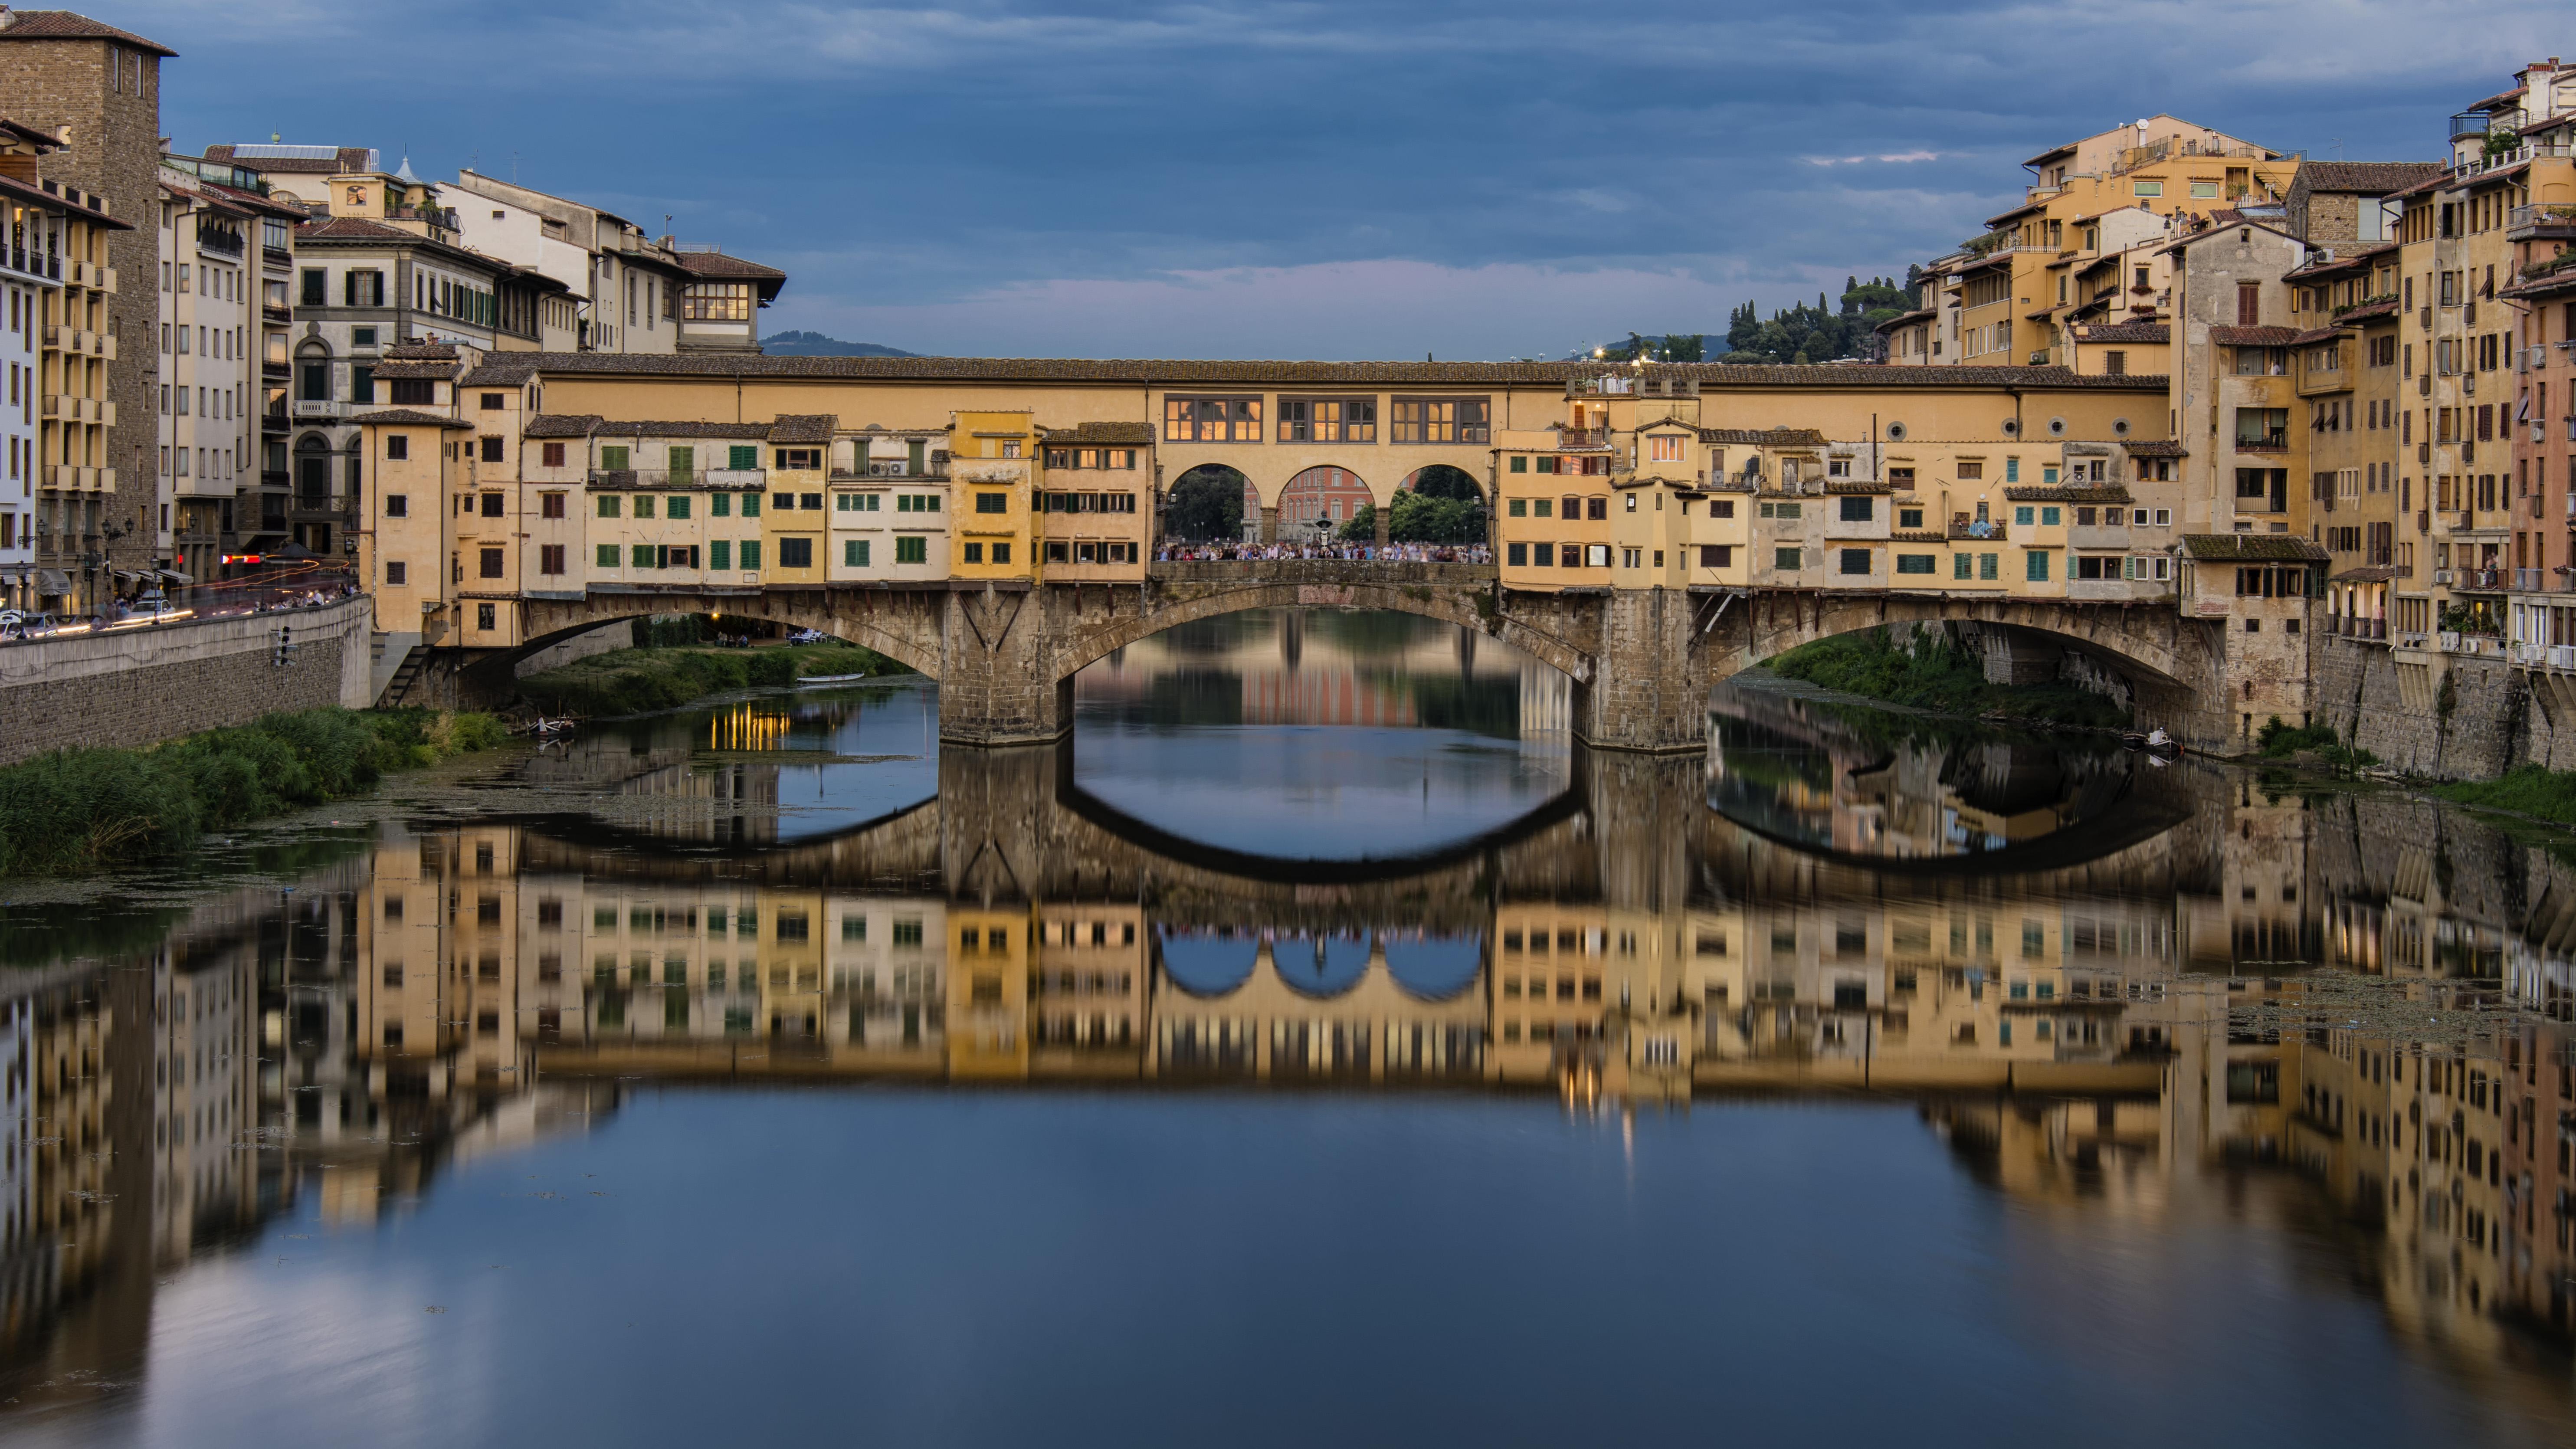 Ponte Veccio by Scott Dorcich